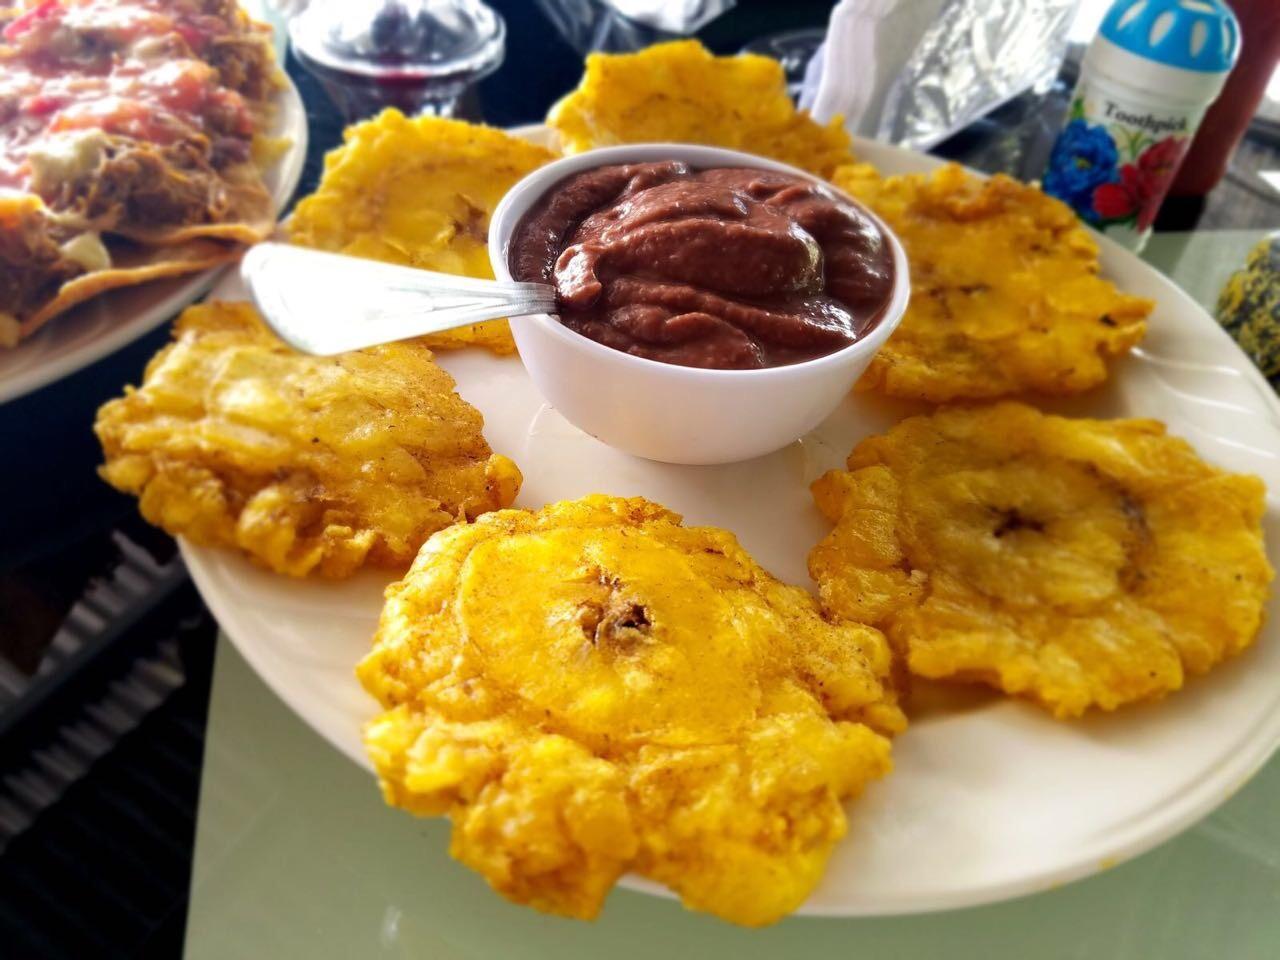 Plat de patacones (plantins frits) servis avec une trempette d'haricots (frijoles)